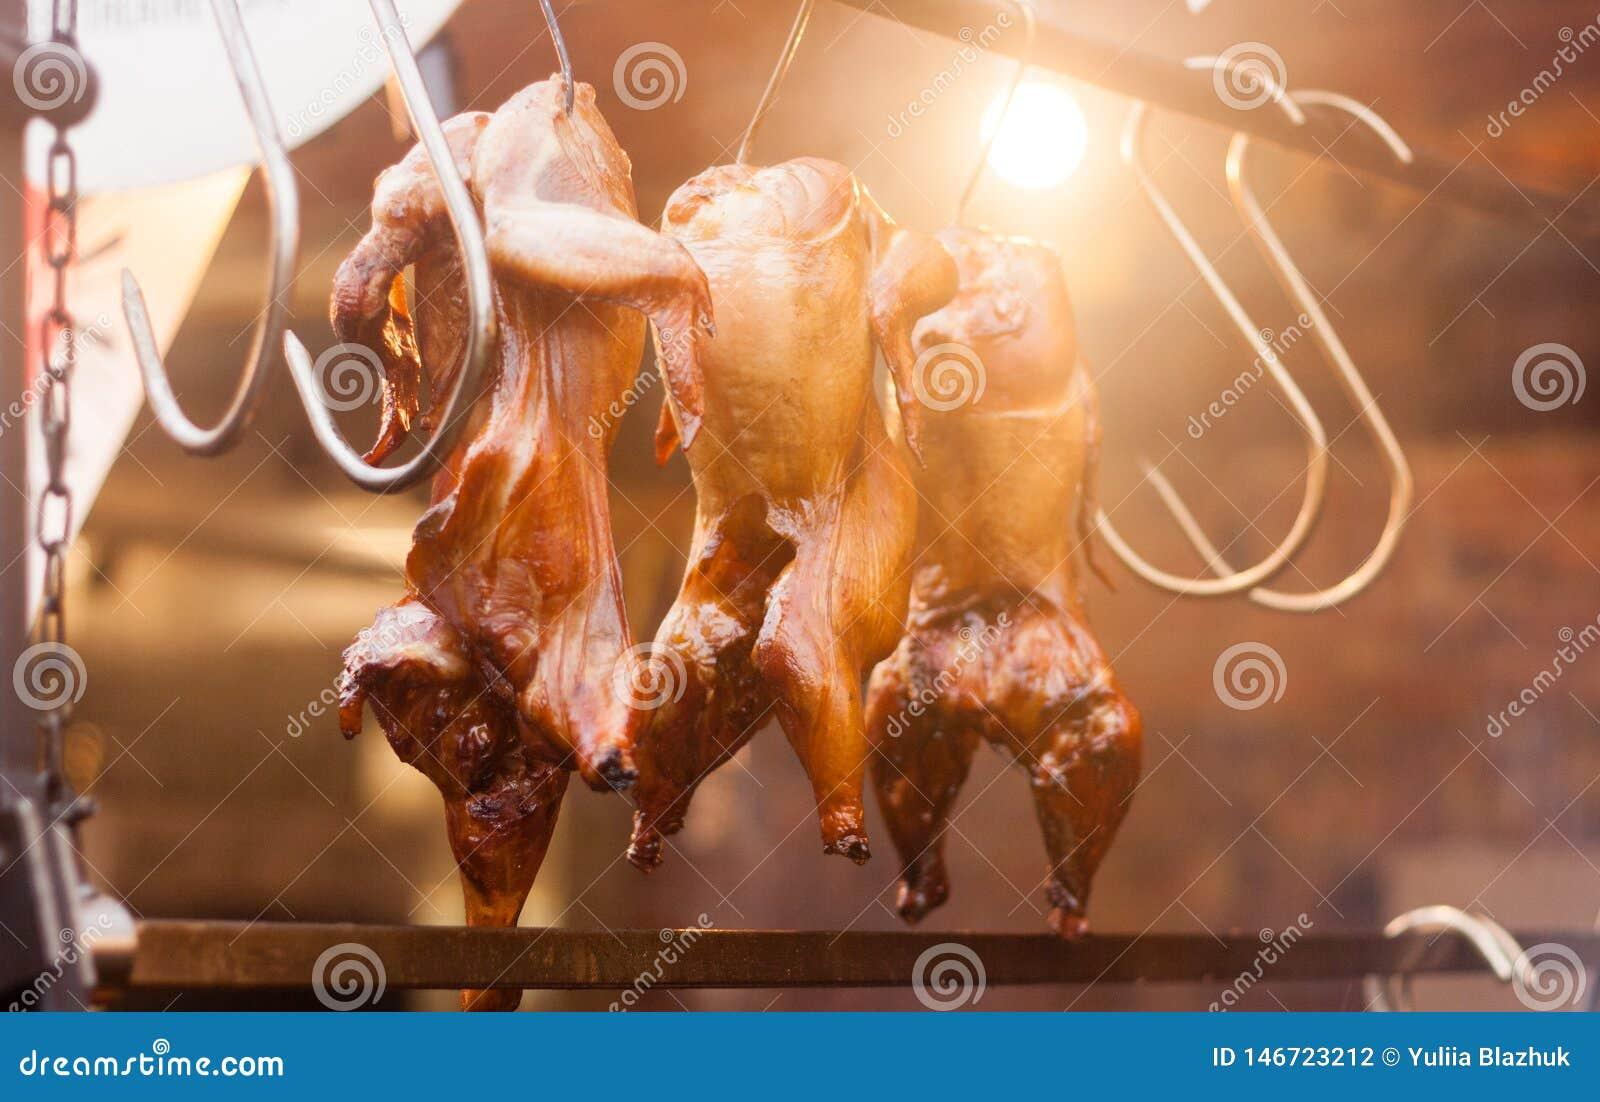 Fileira da galinha grelhada no festival da rua